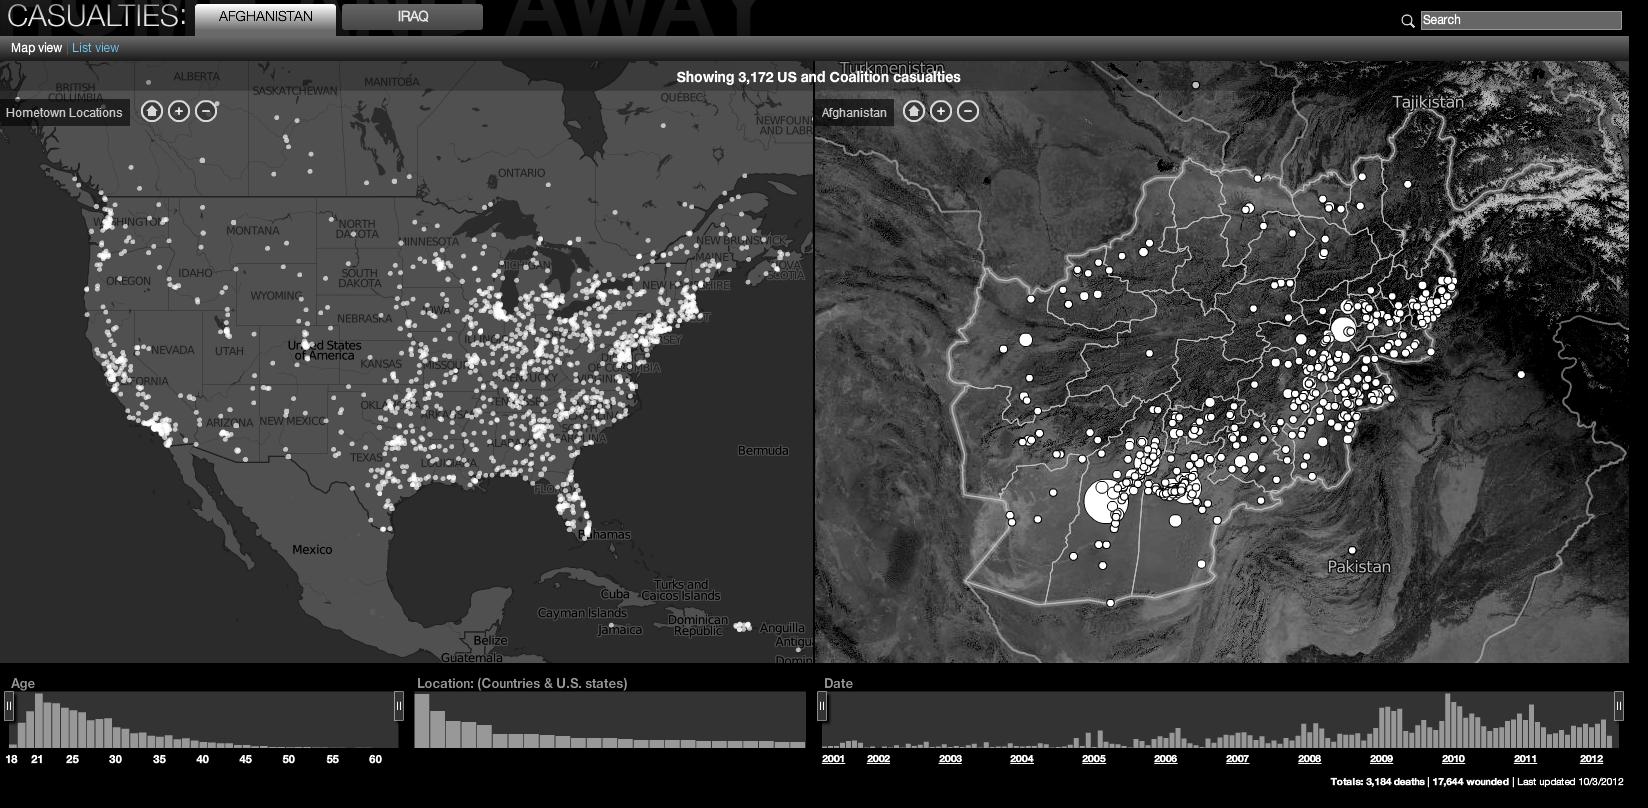 2012-10-03-HomeandAwayIraqandAfghanistanWarCasualtiesCNN.com.jpeg